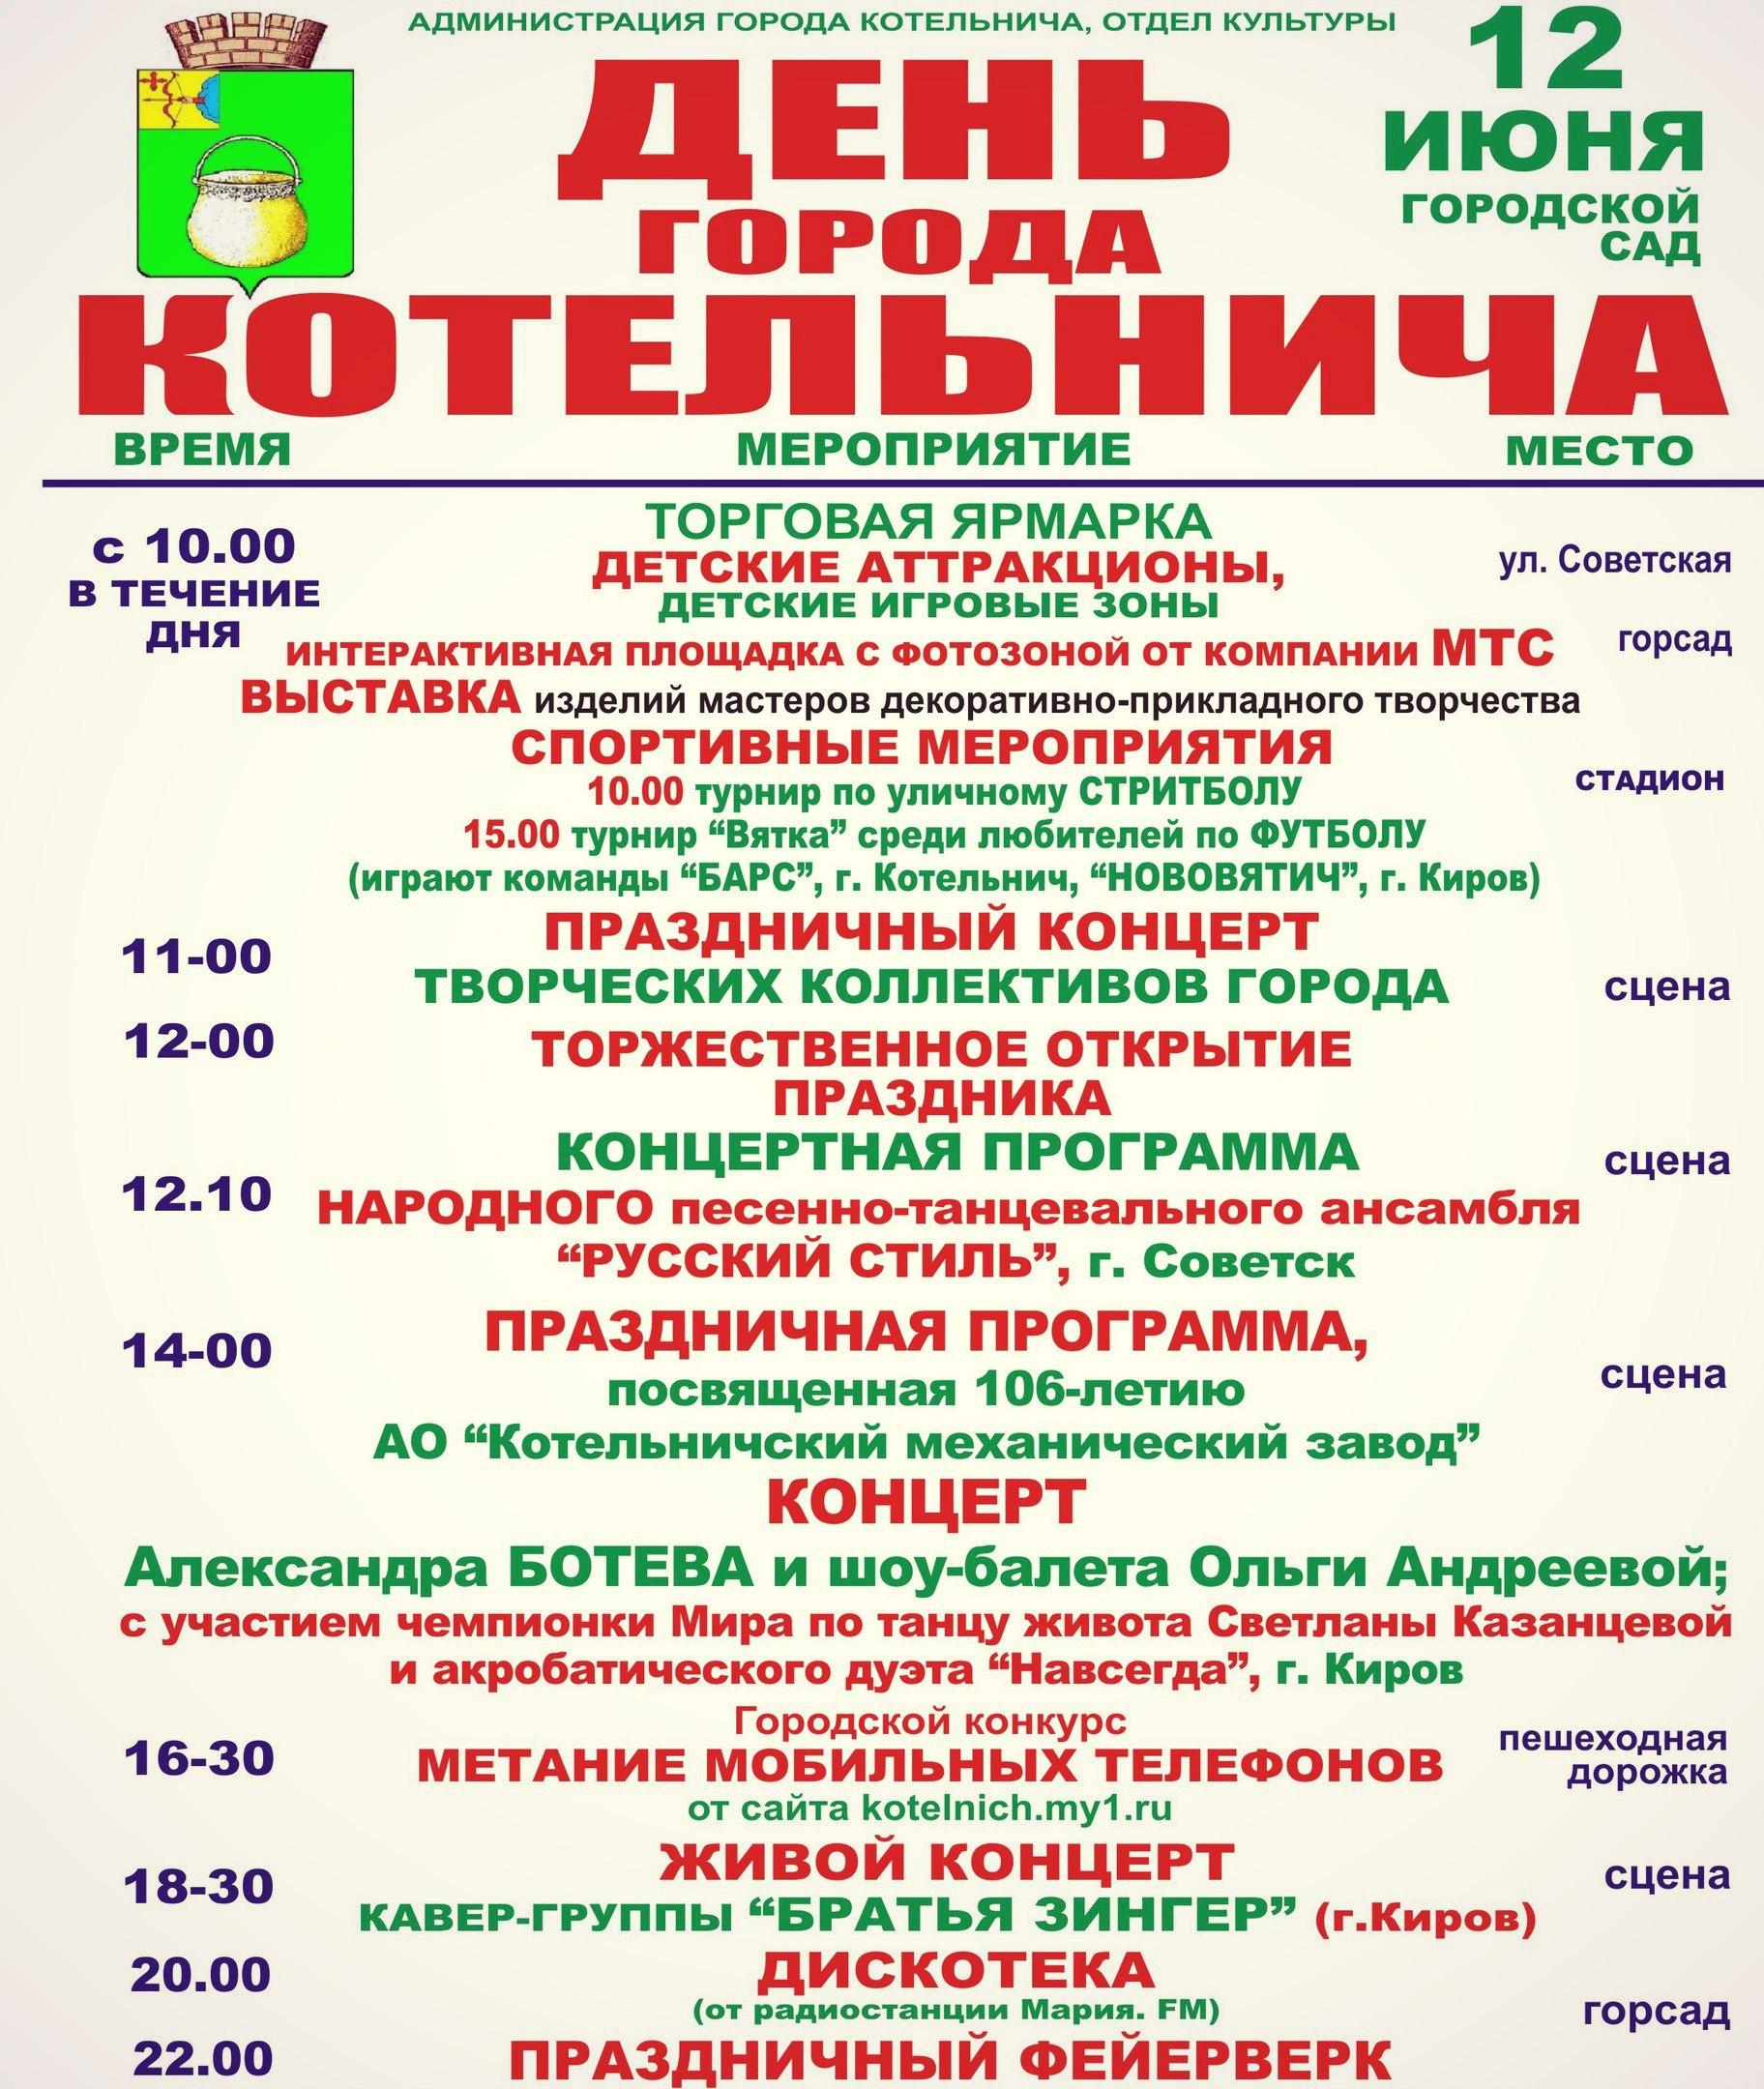 Программа Дня города